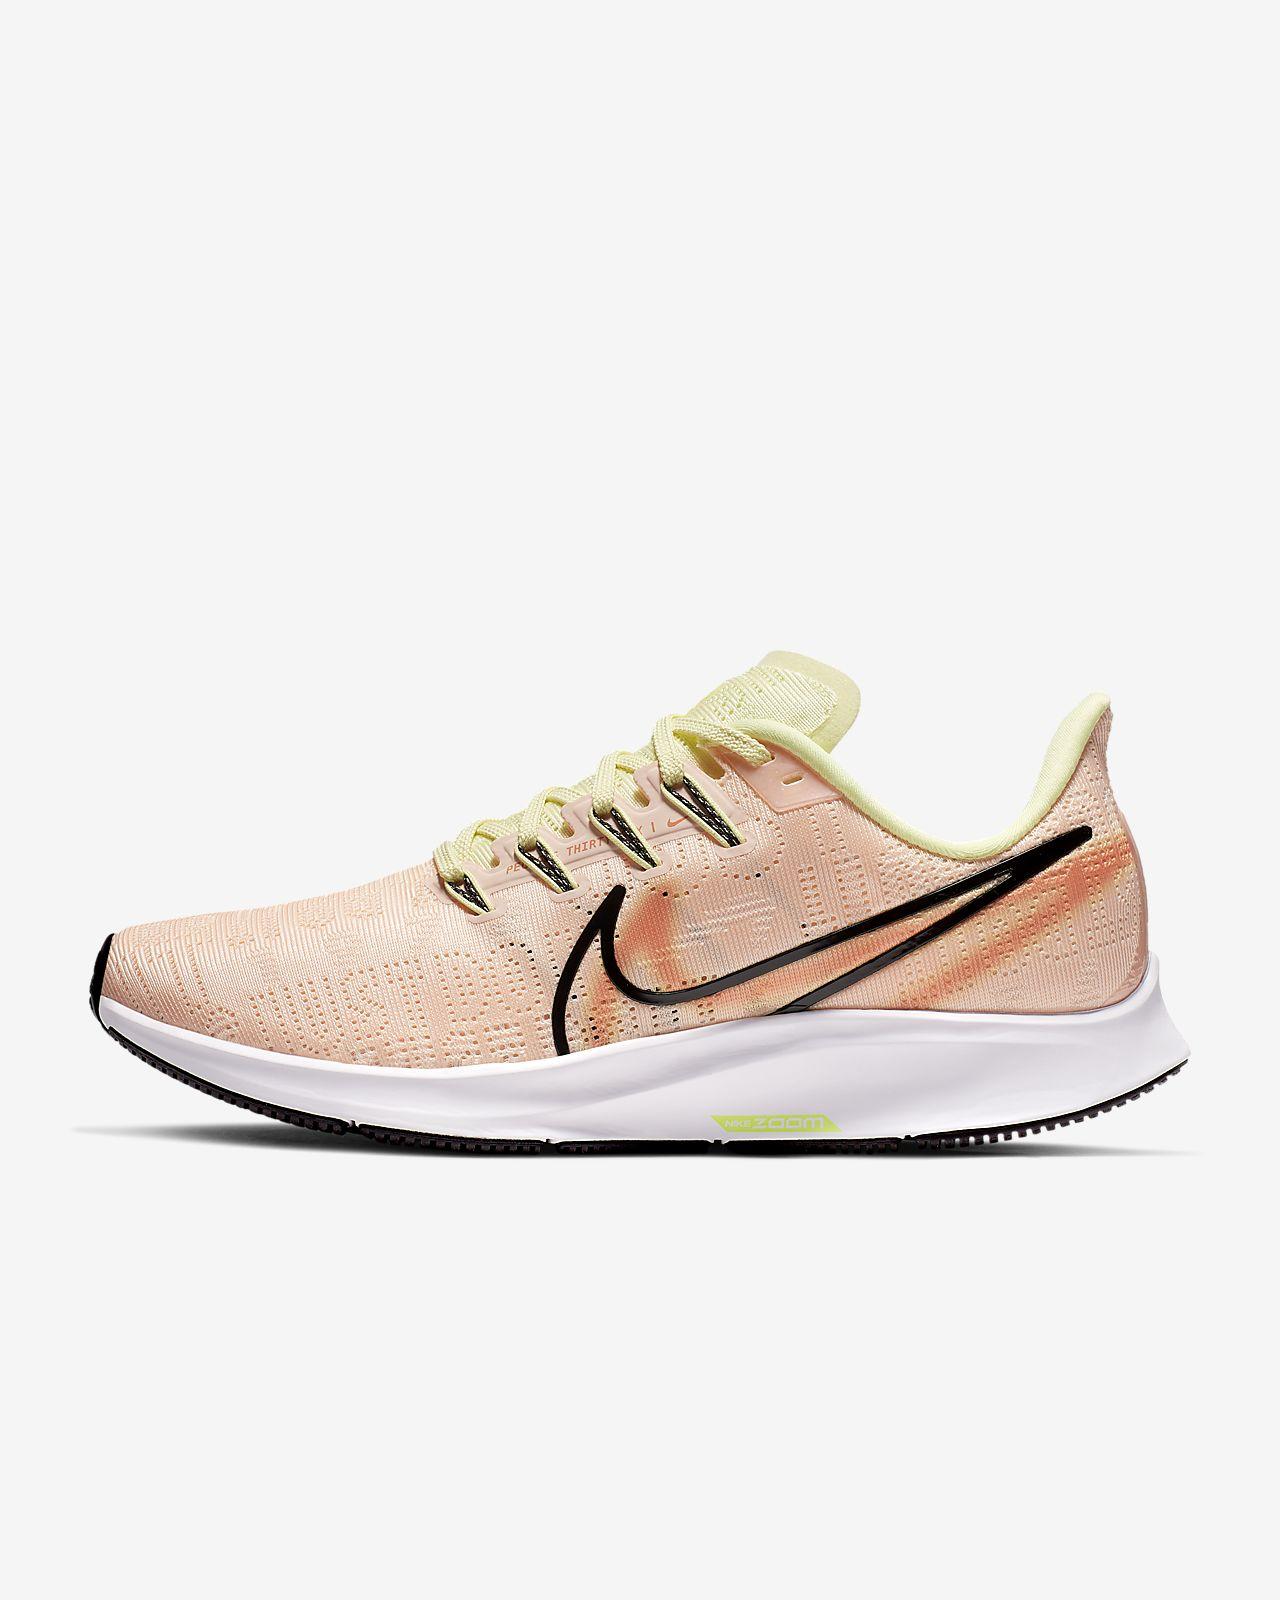 รองเท้าวิ่งผู้หญิง Nike Air Zoom Pegasus 36 Premium Rise